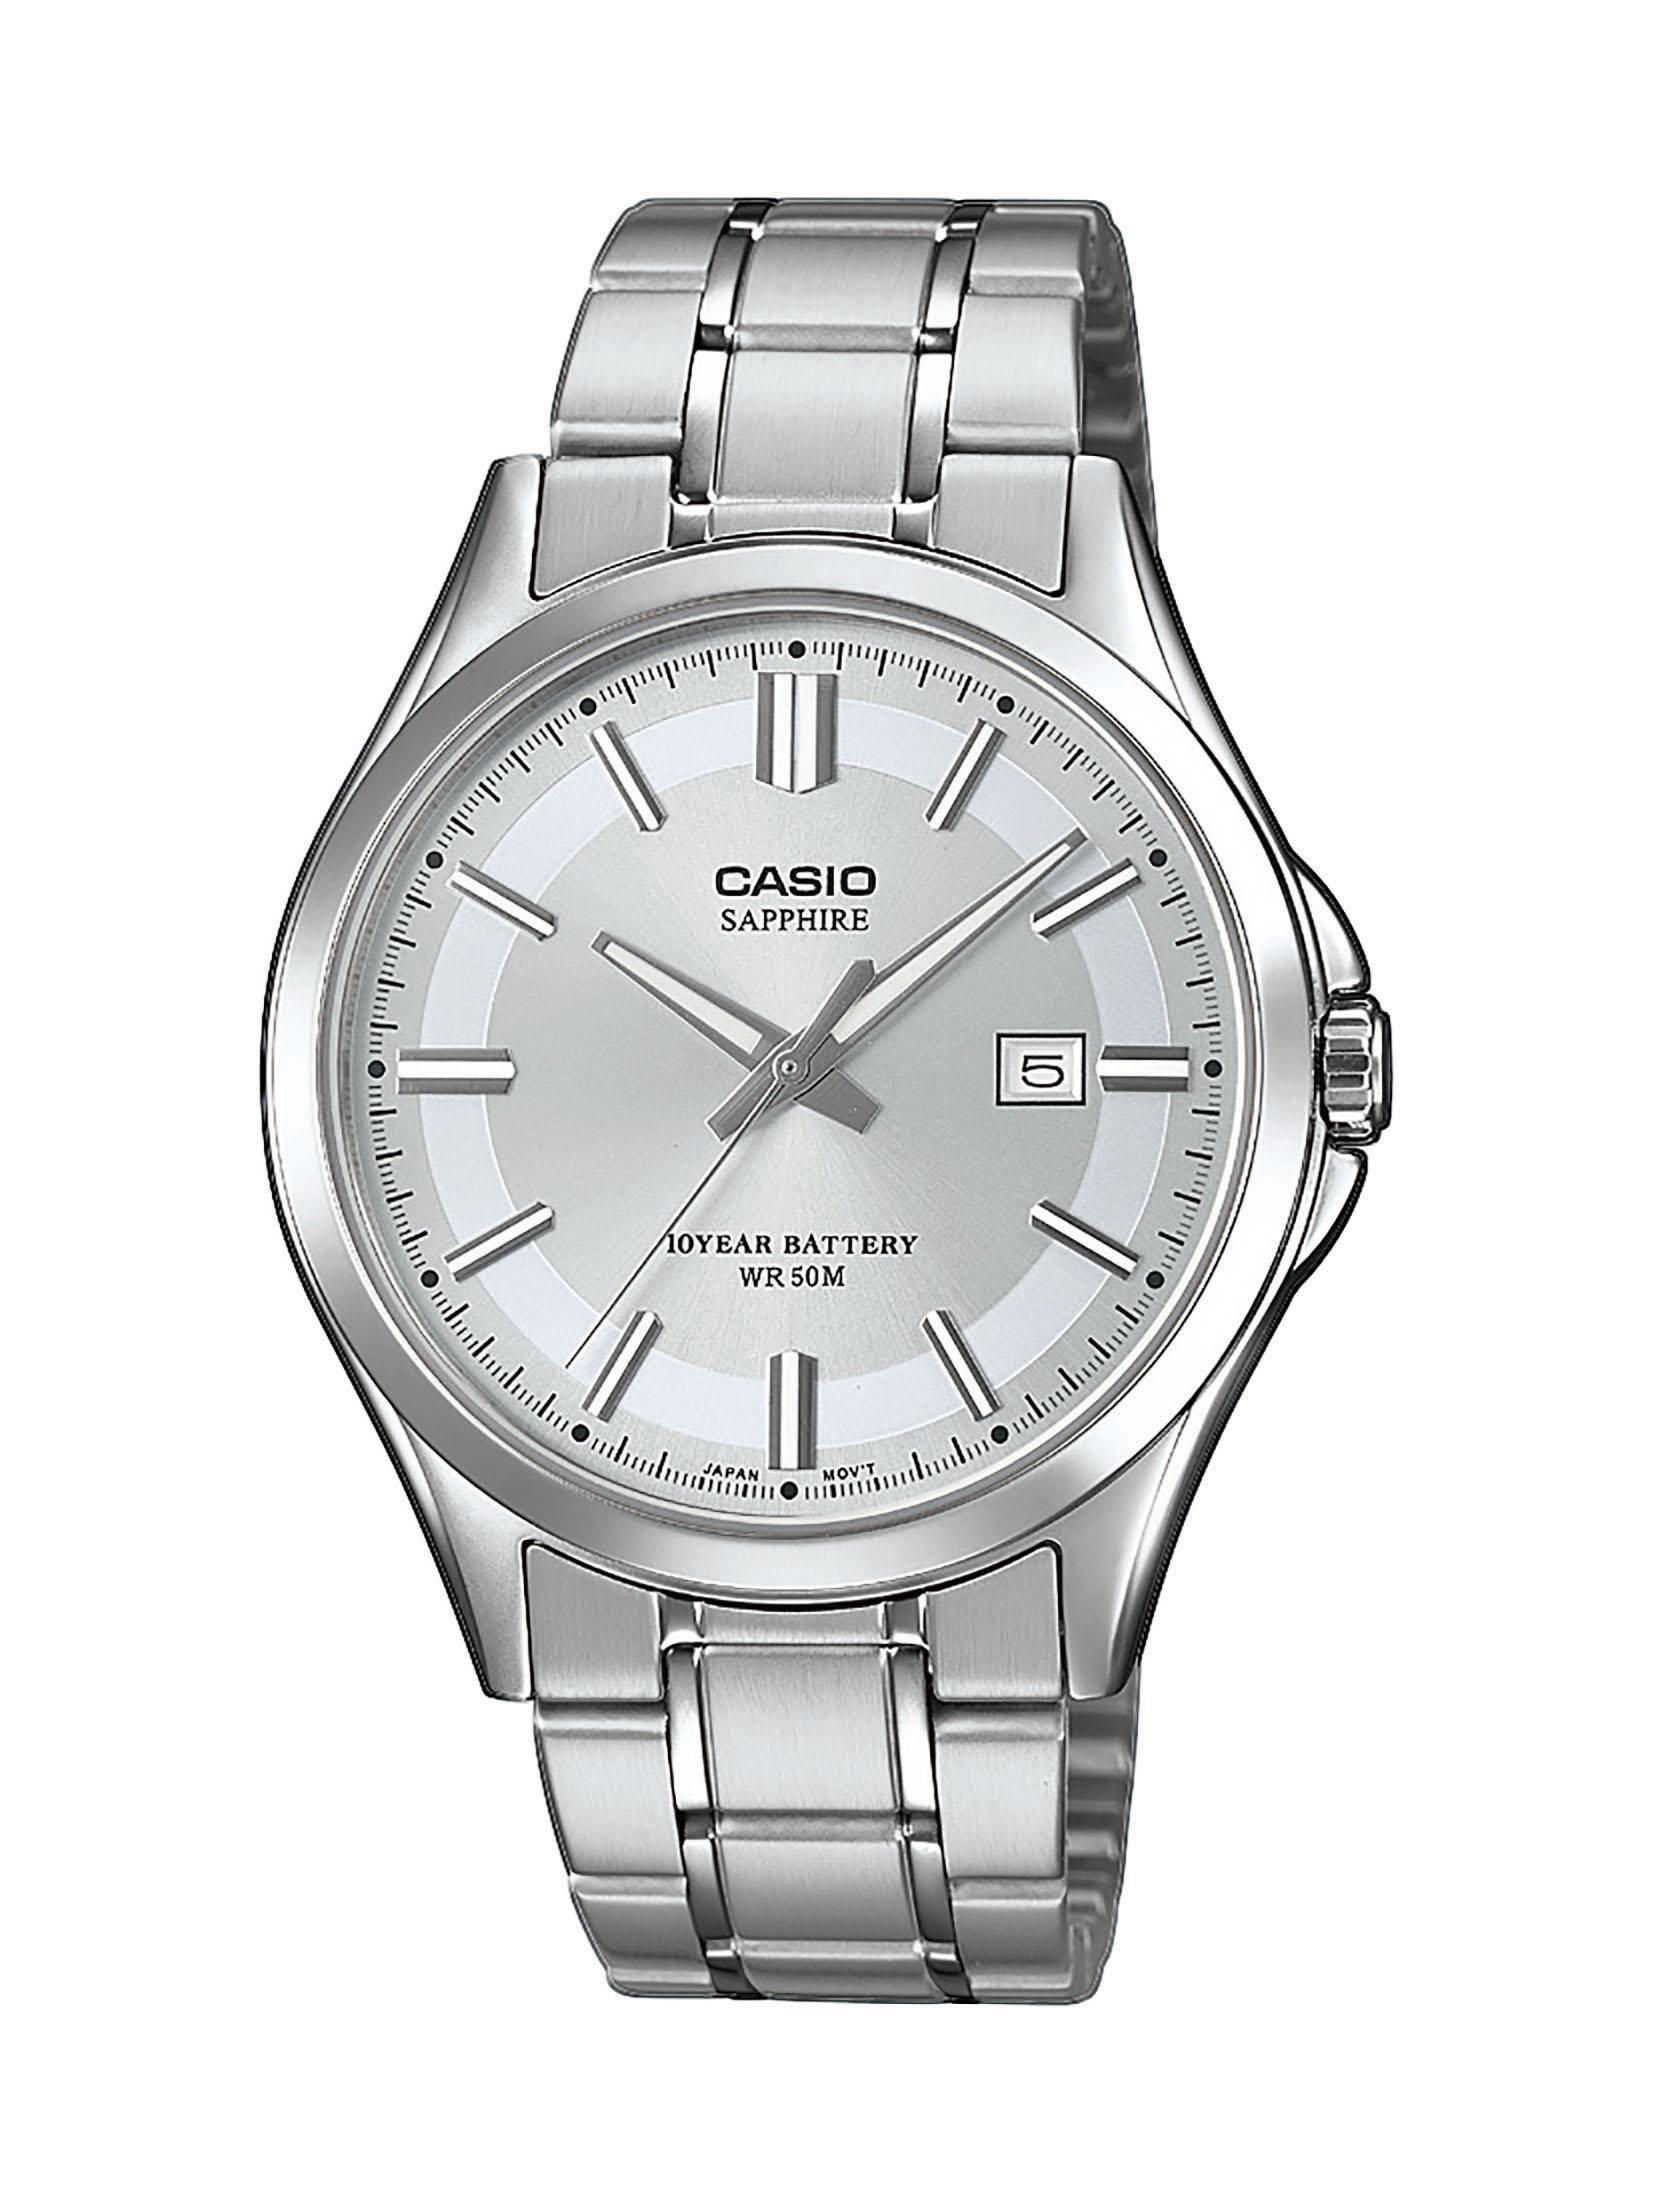 Ανδρικό Ρολόι Casio Collection Classic MTS-100D-7AVEF